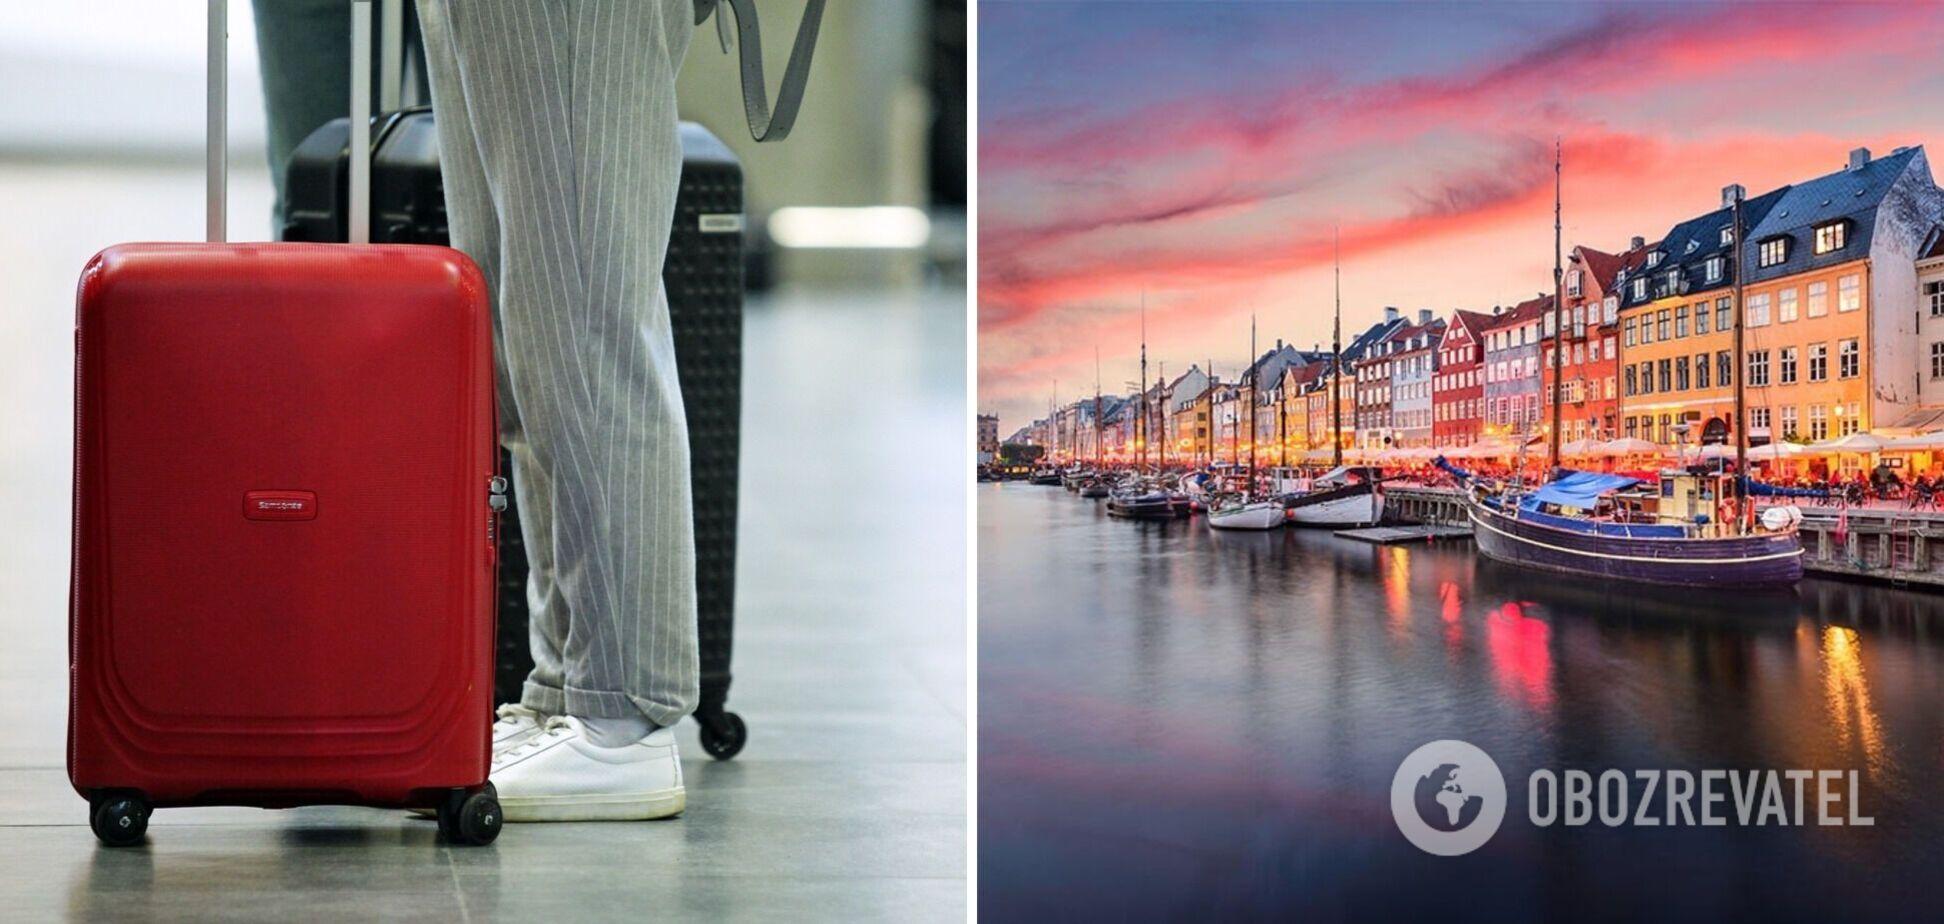 Дания сняла ограничения въезда для украинцев: что изменится для туристов